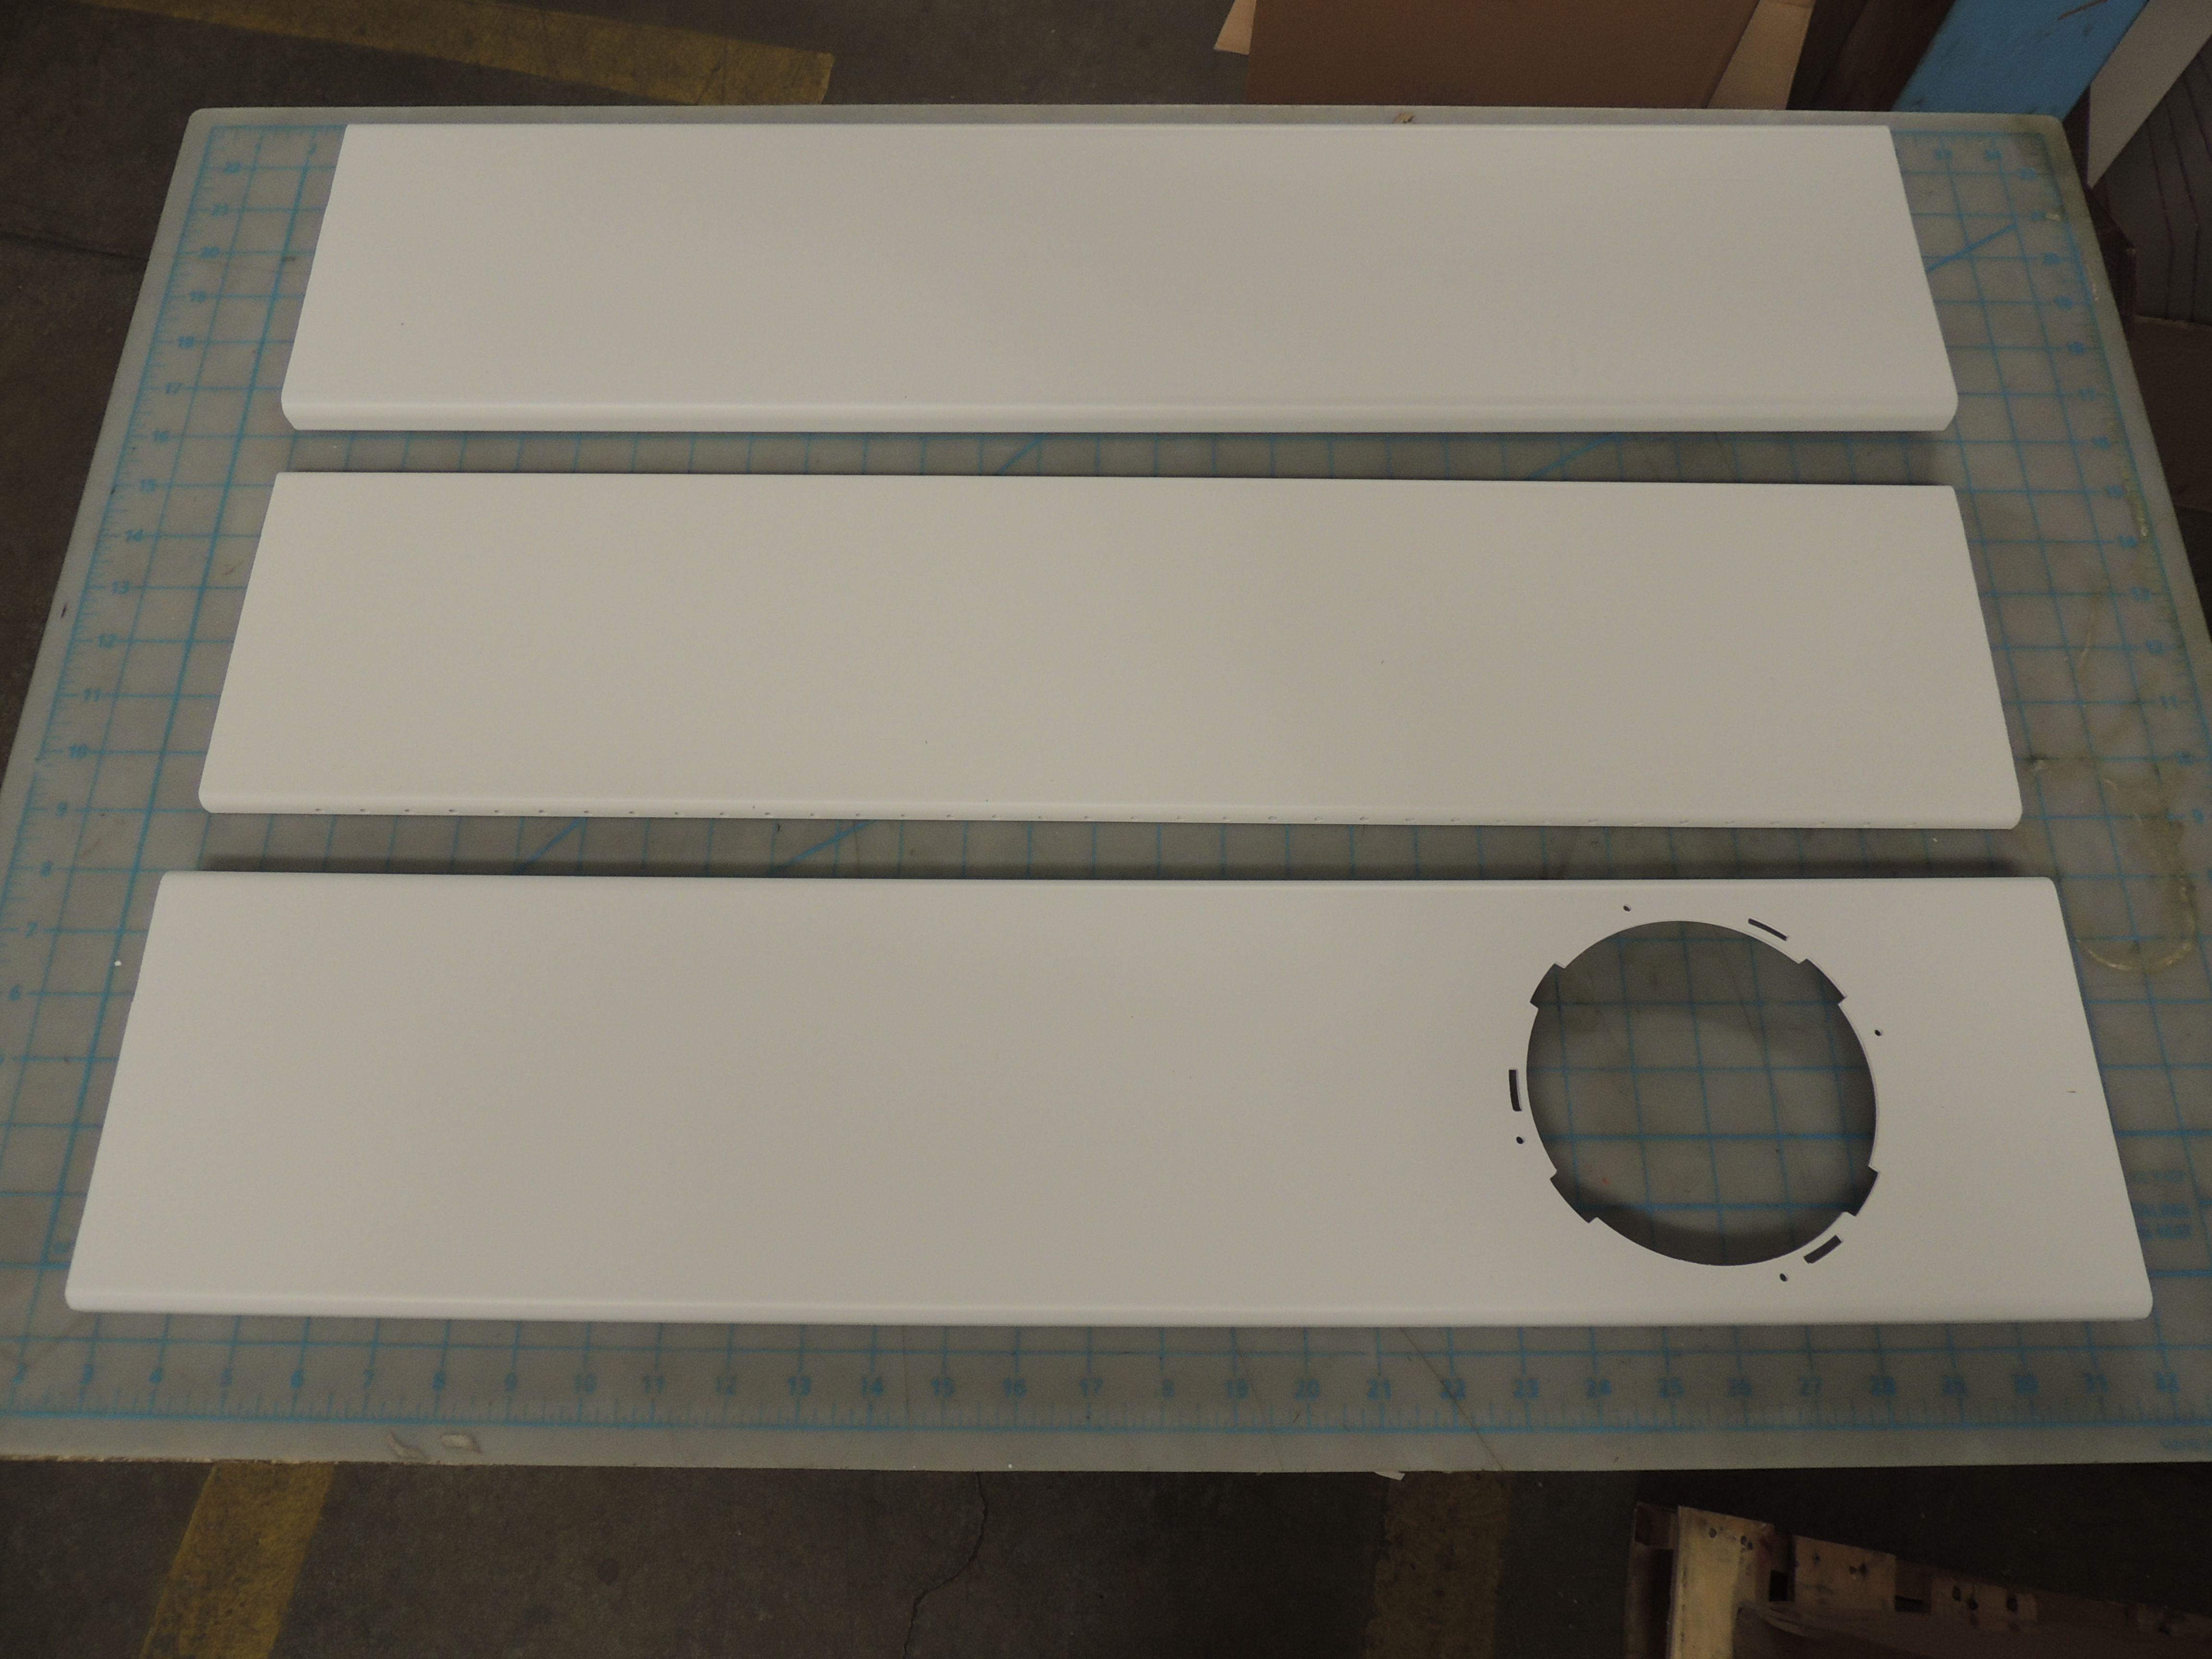 Window sealing board assembly